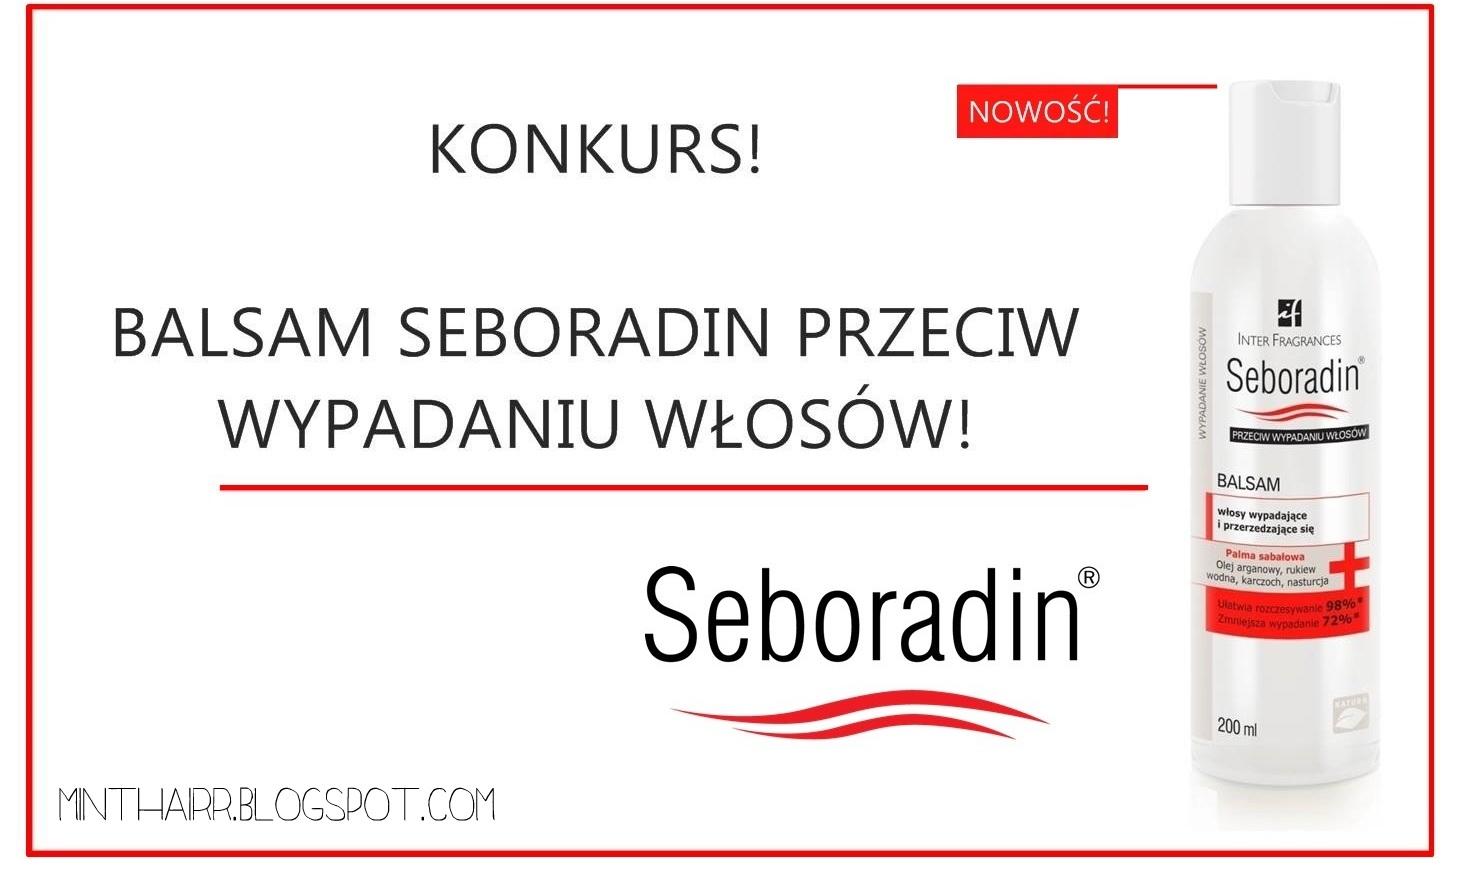 * KONKURS * - wygraj kurację Seboradin!